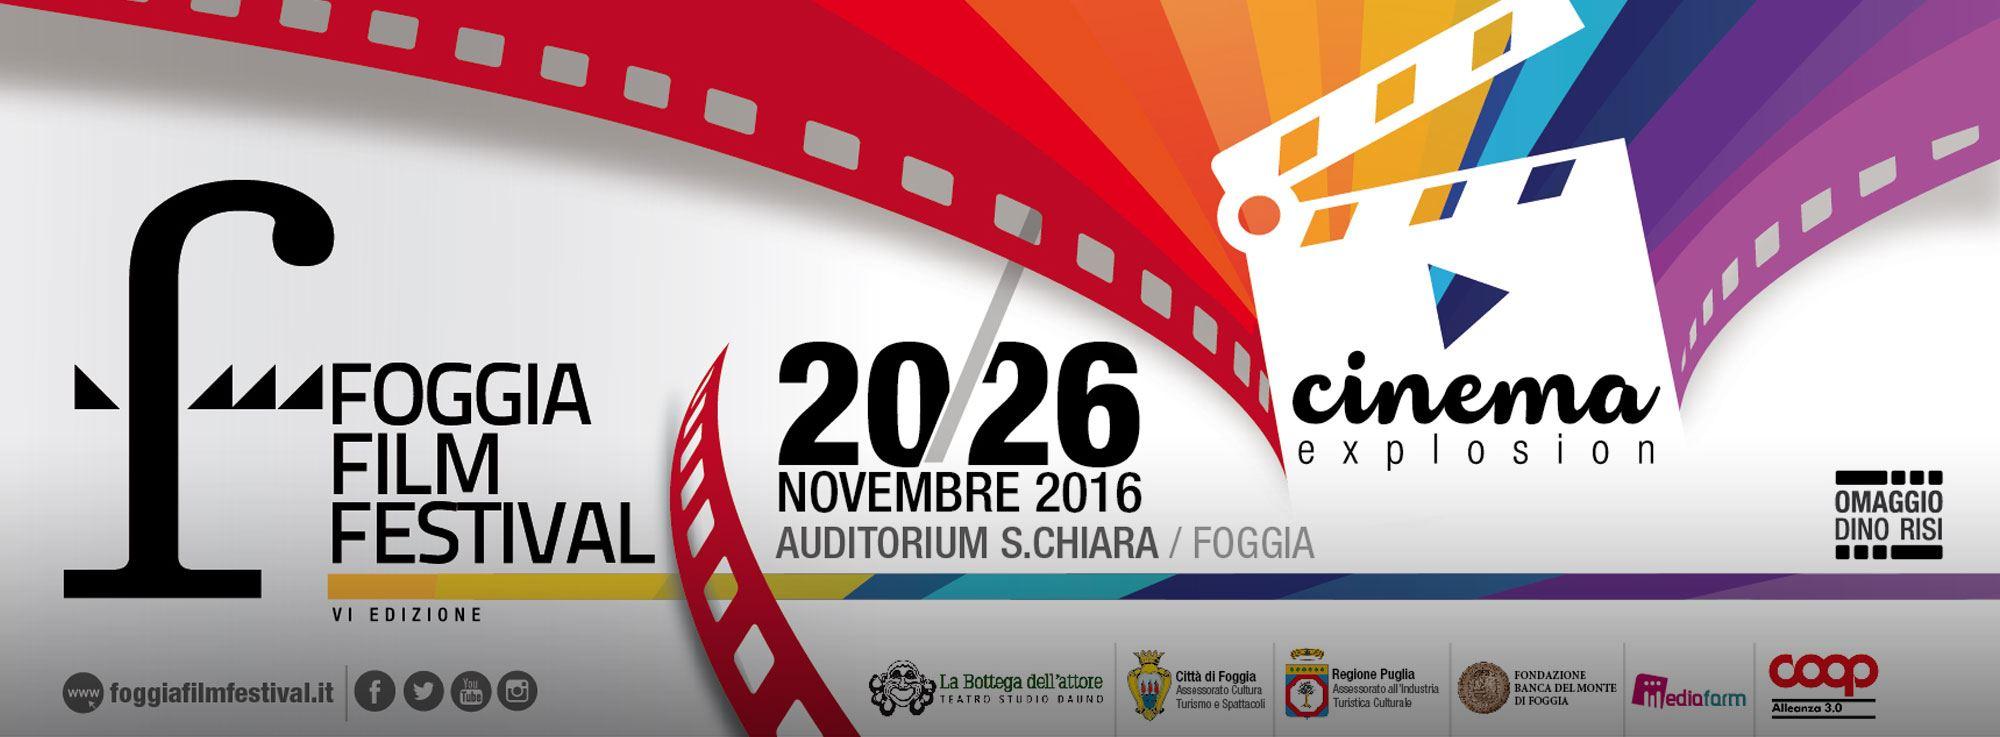 Foggia: Foggia Film Festival 2016